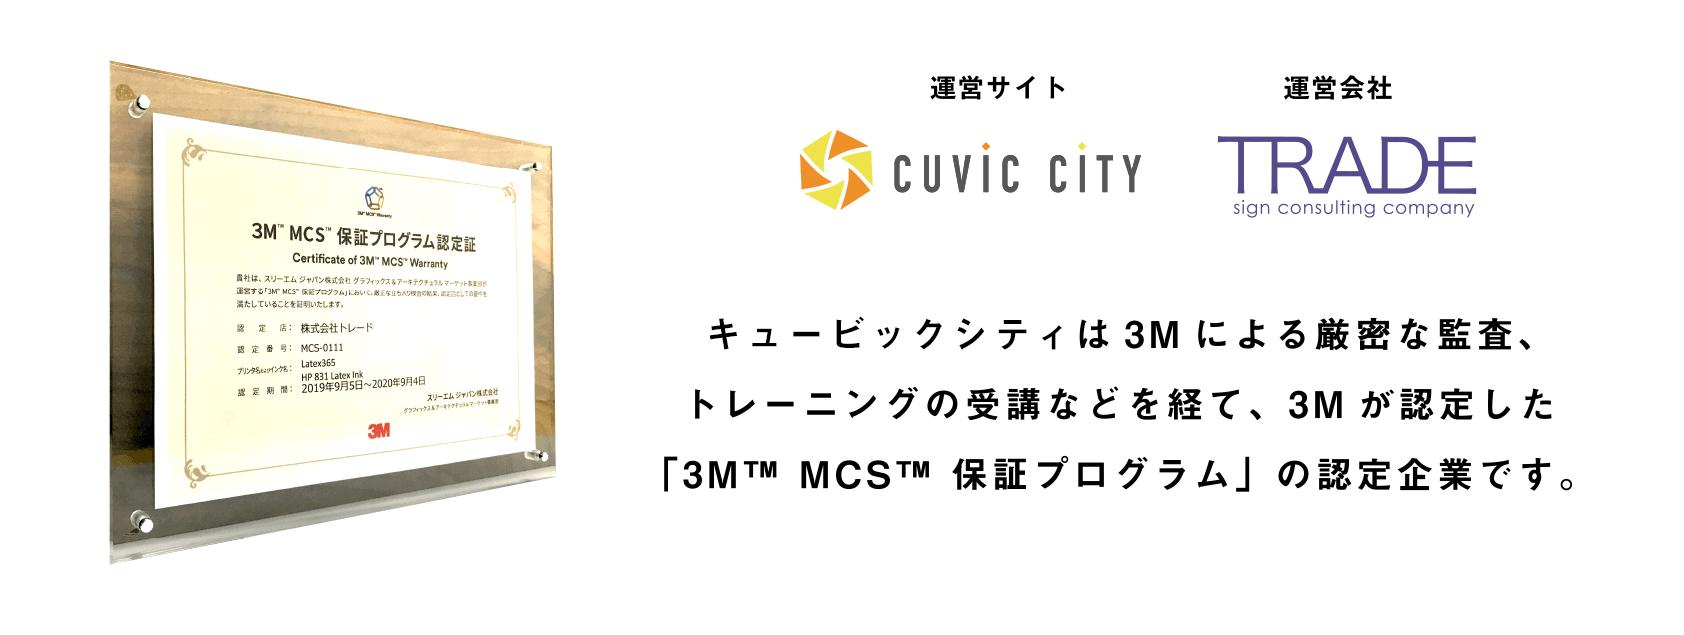 キュービックシティは3Mによる厳密な監査、トレーニングの受講などを経て、3Mが認定した「3M™ MCS™ 保証プログラム」の認定企業です。